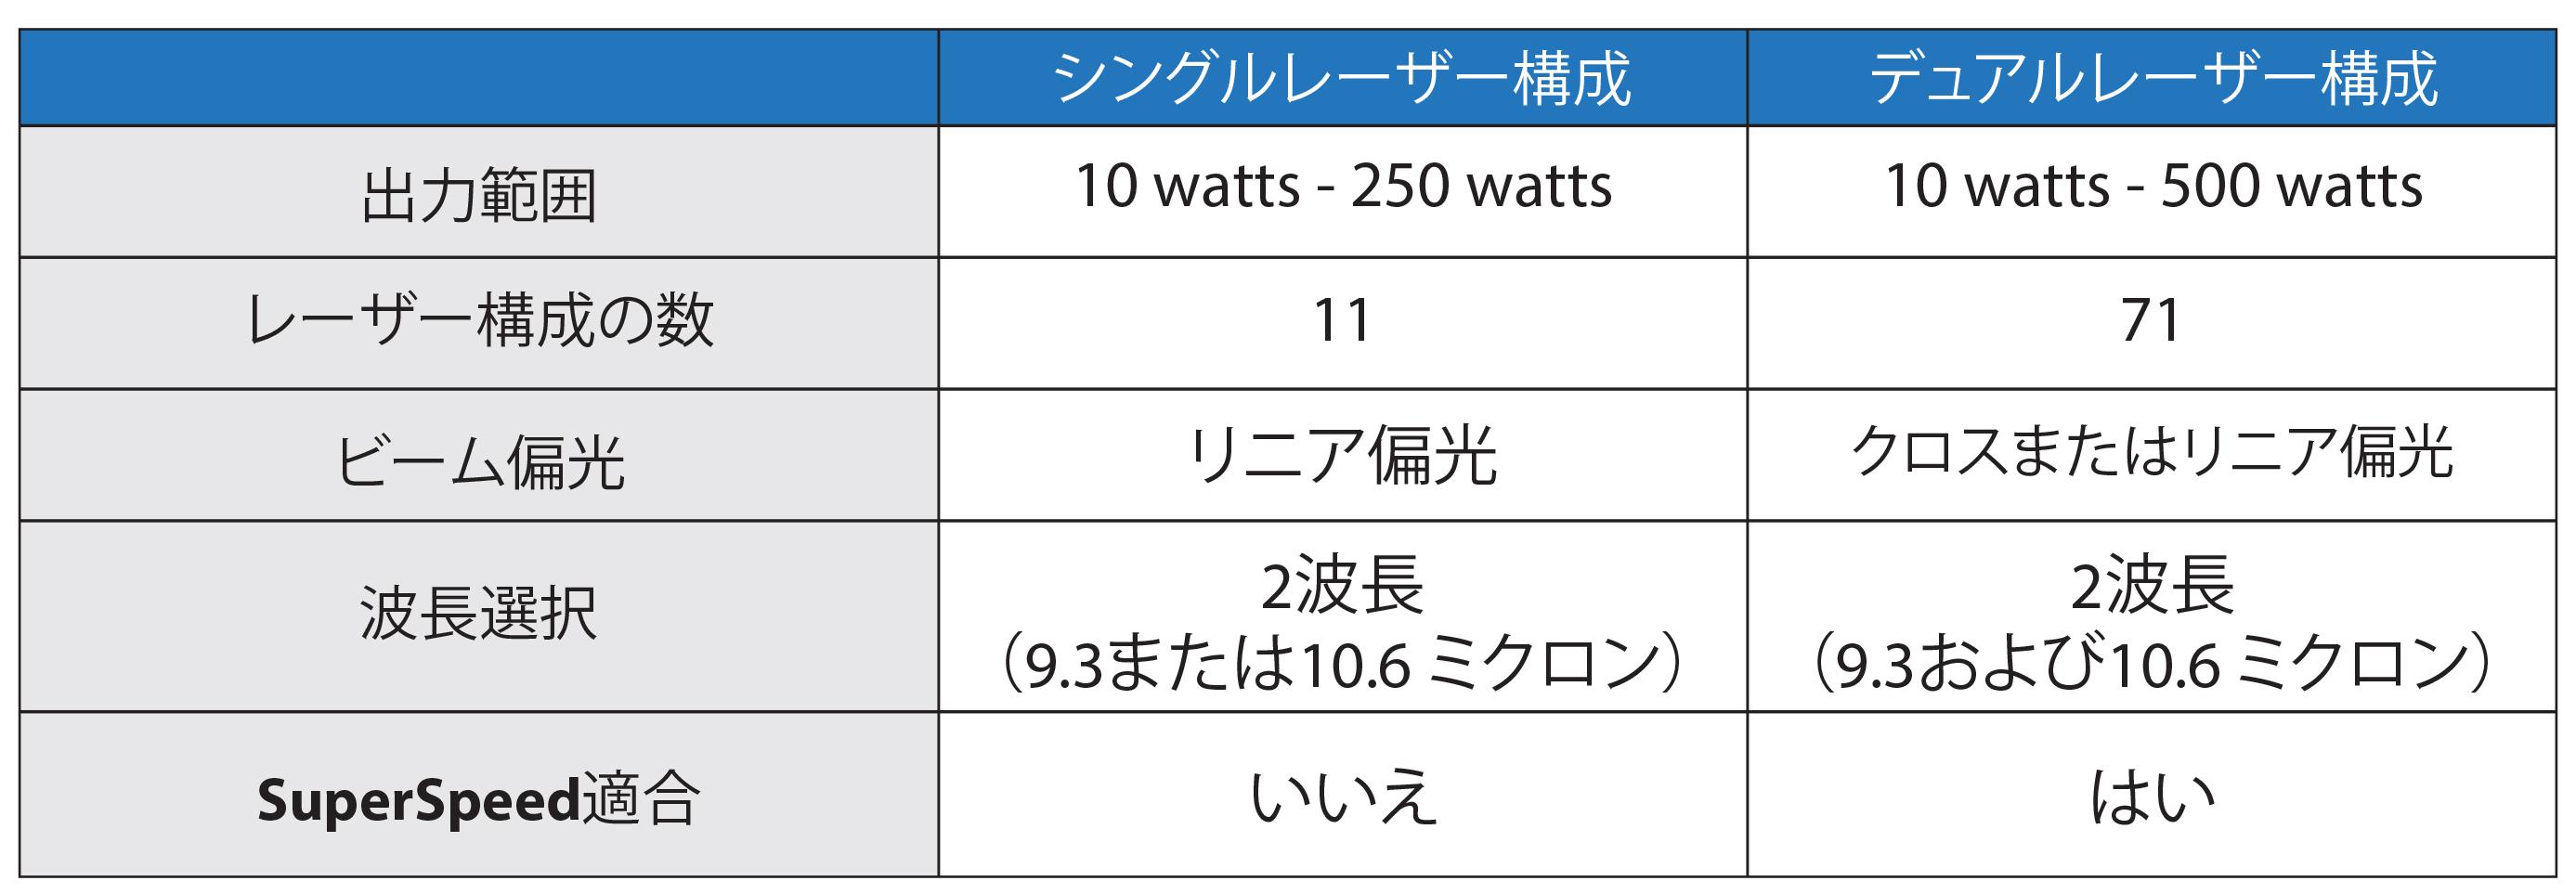 シングルレーザー構成とデュアルレーザー構成の比較